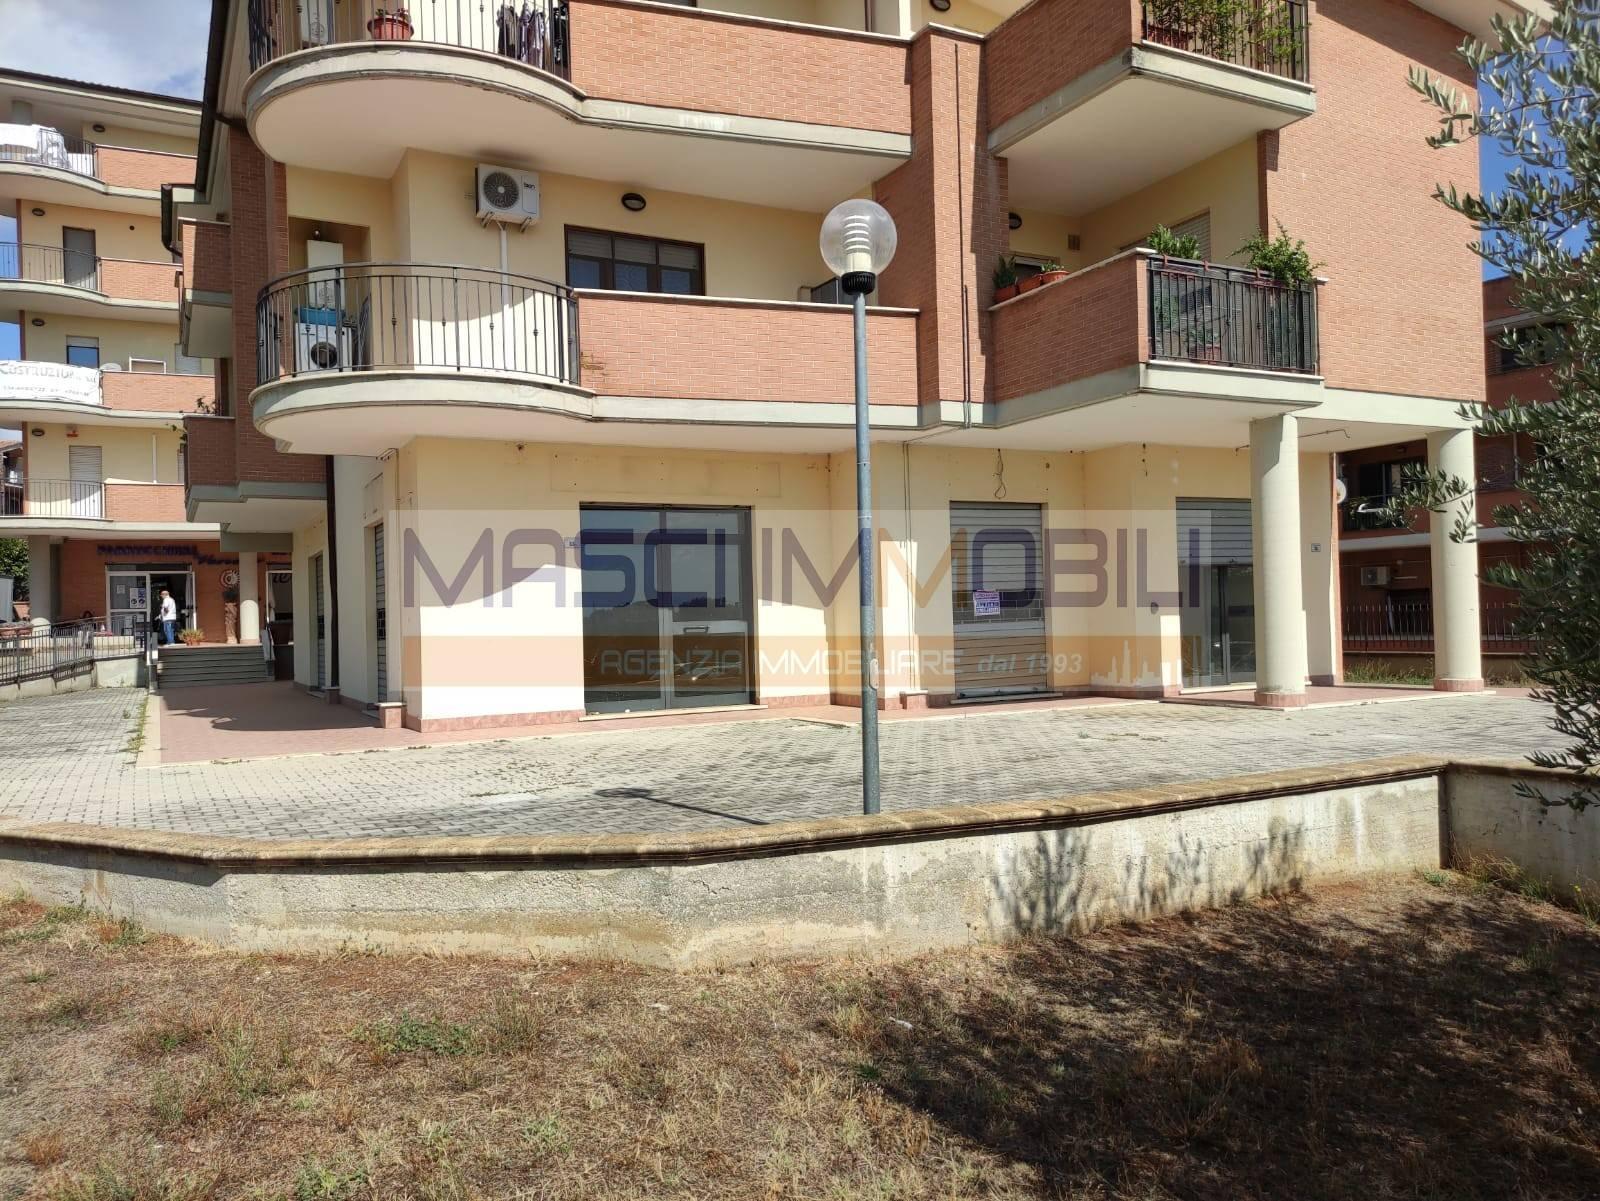 Negozio / Locale in affitto a Fiano Romano, 1 locali, prezzo € 1.000   CambioCasa.it